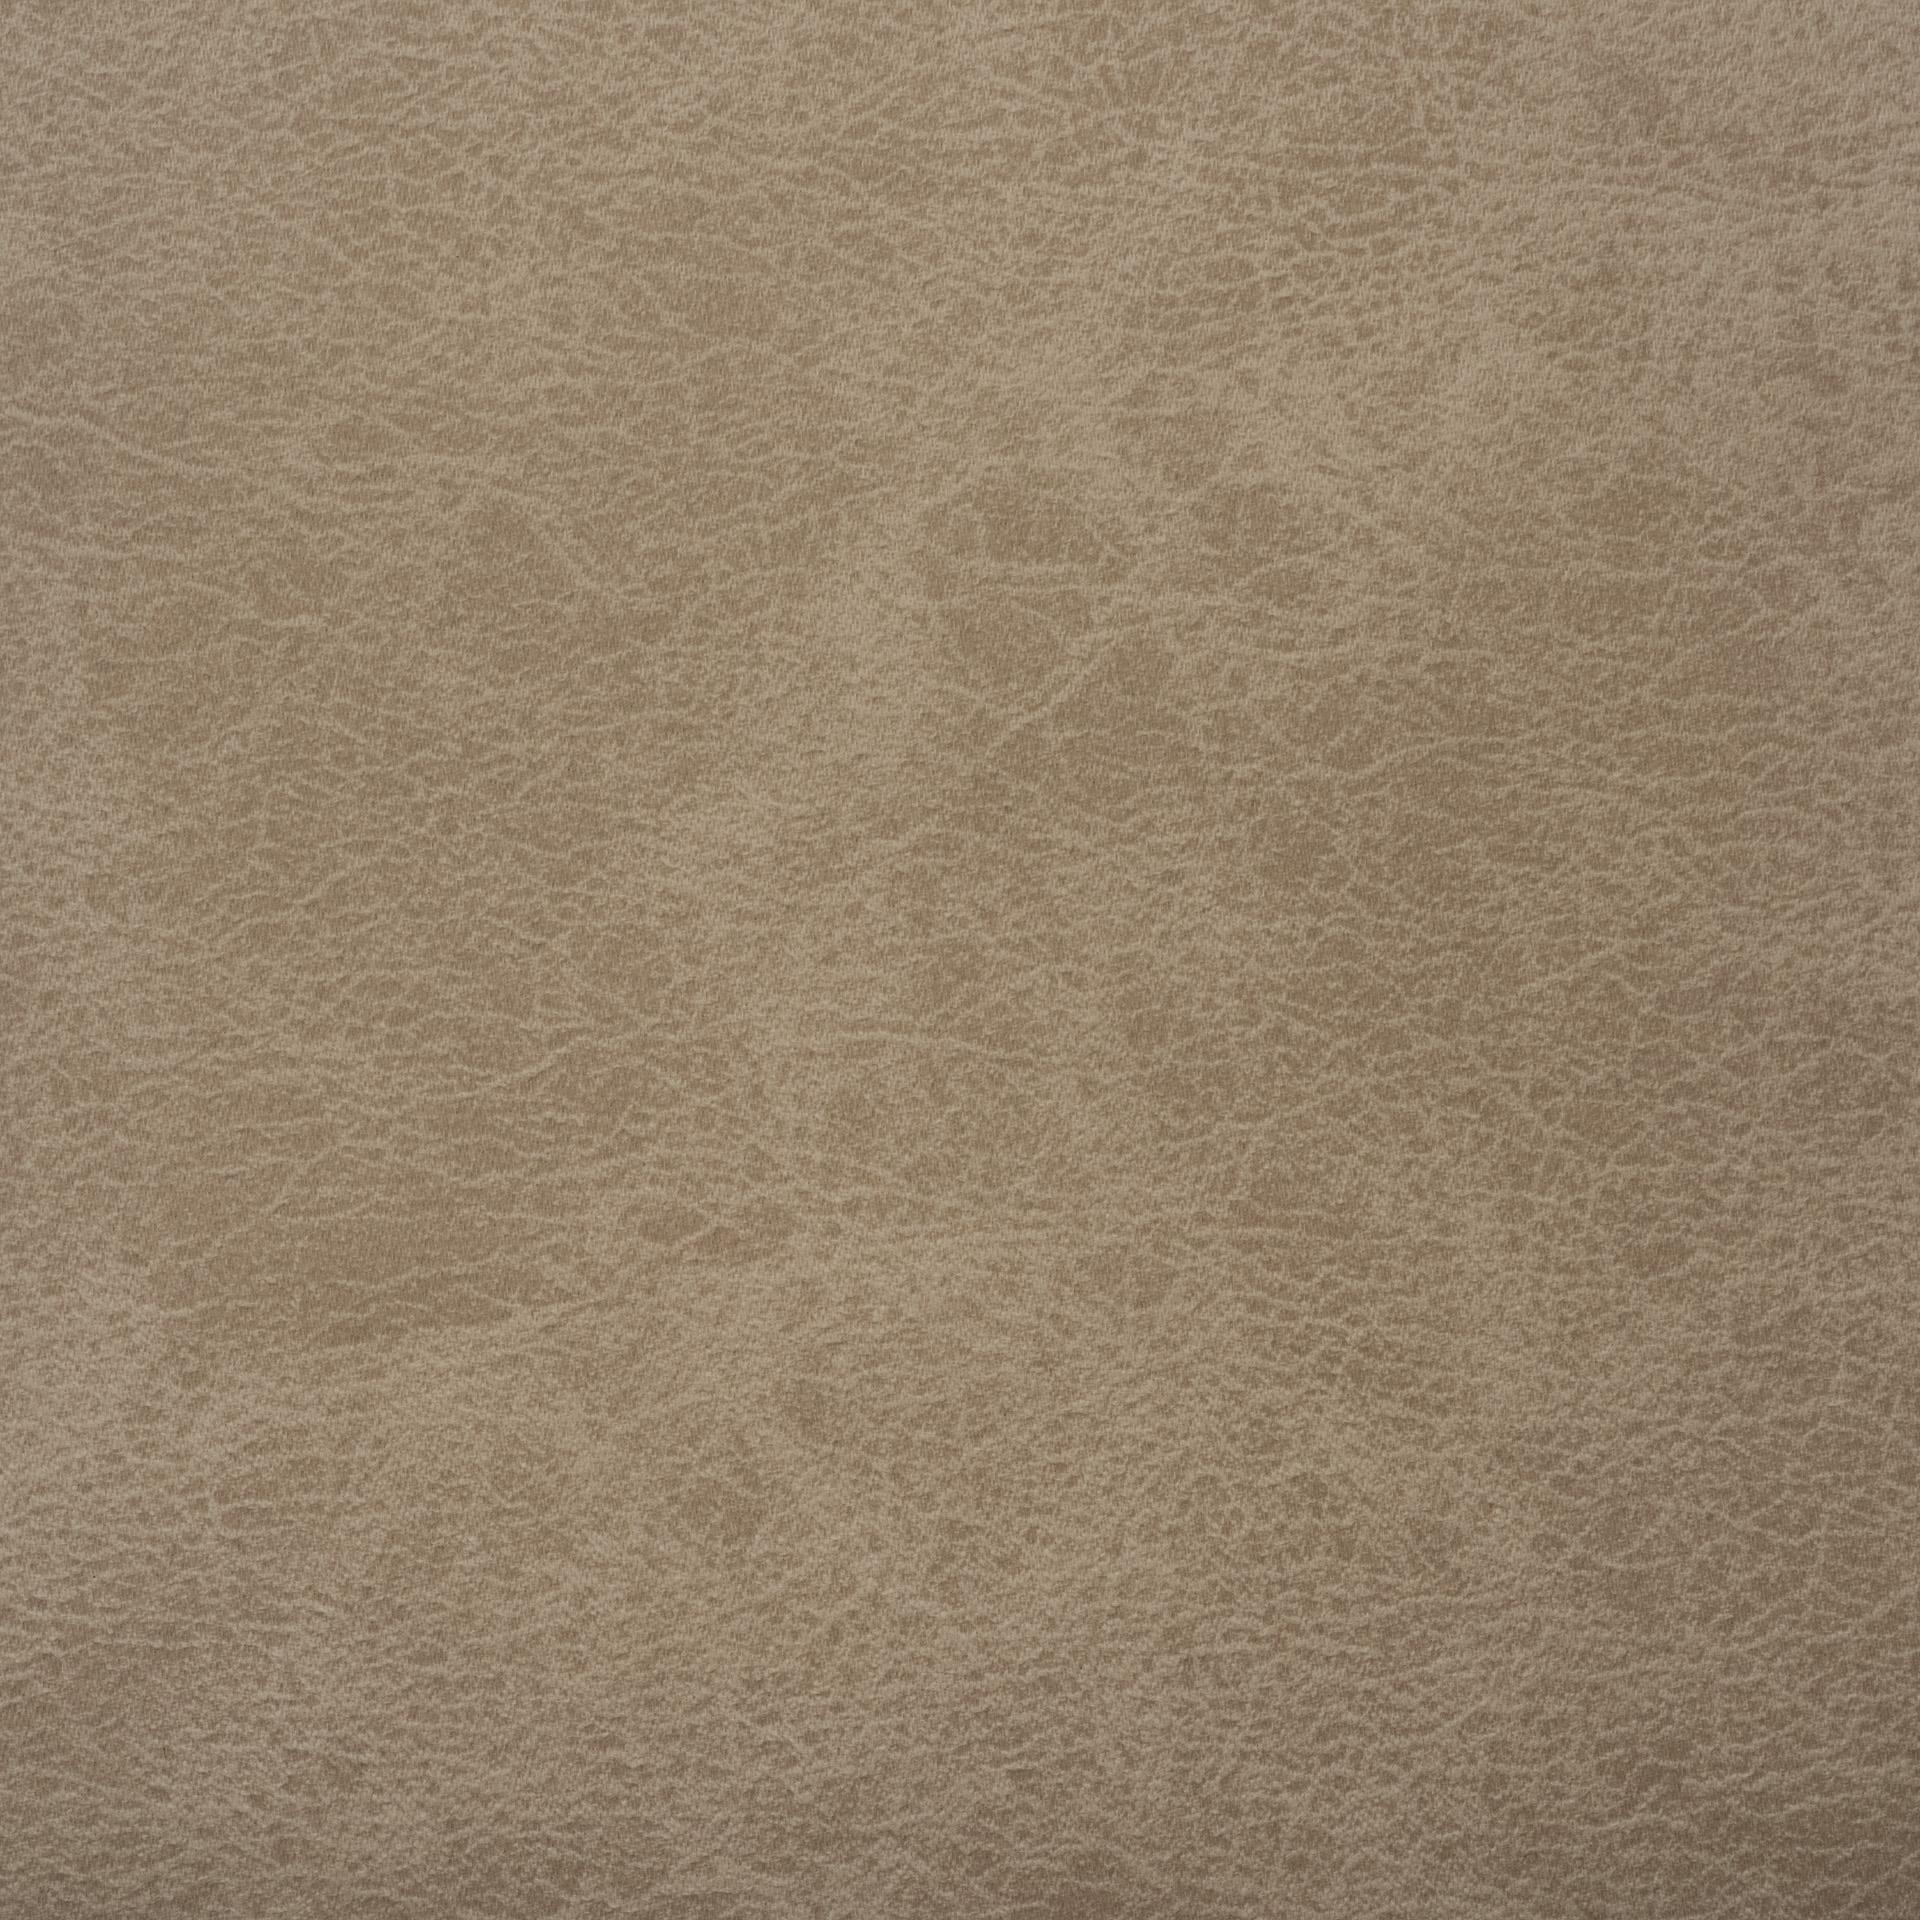 Коллекция ткани Лора 38,  купить ткань Велюр для мебели Украина